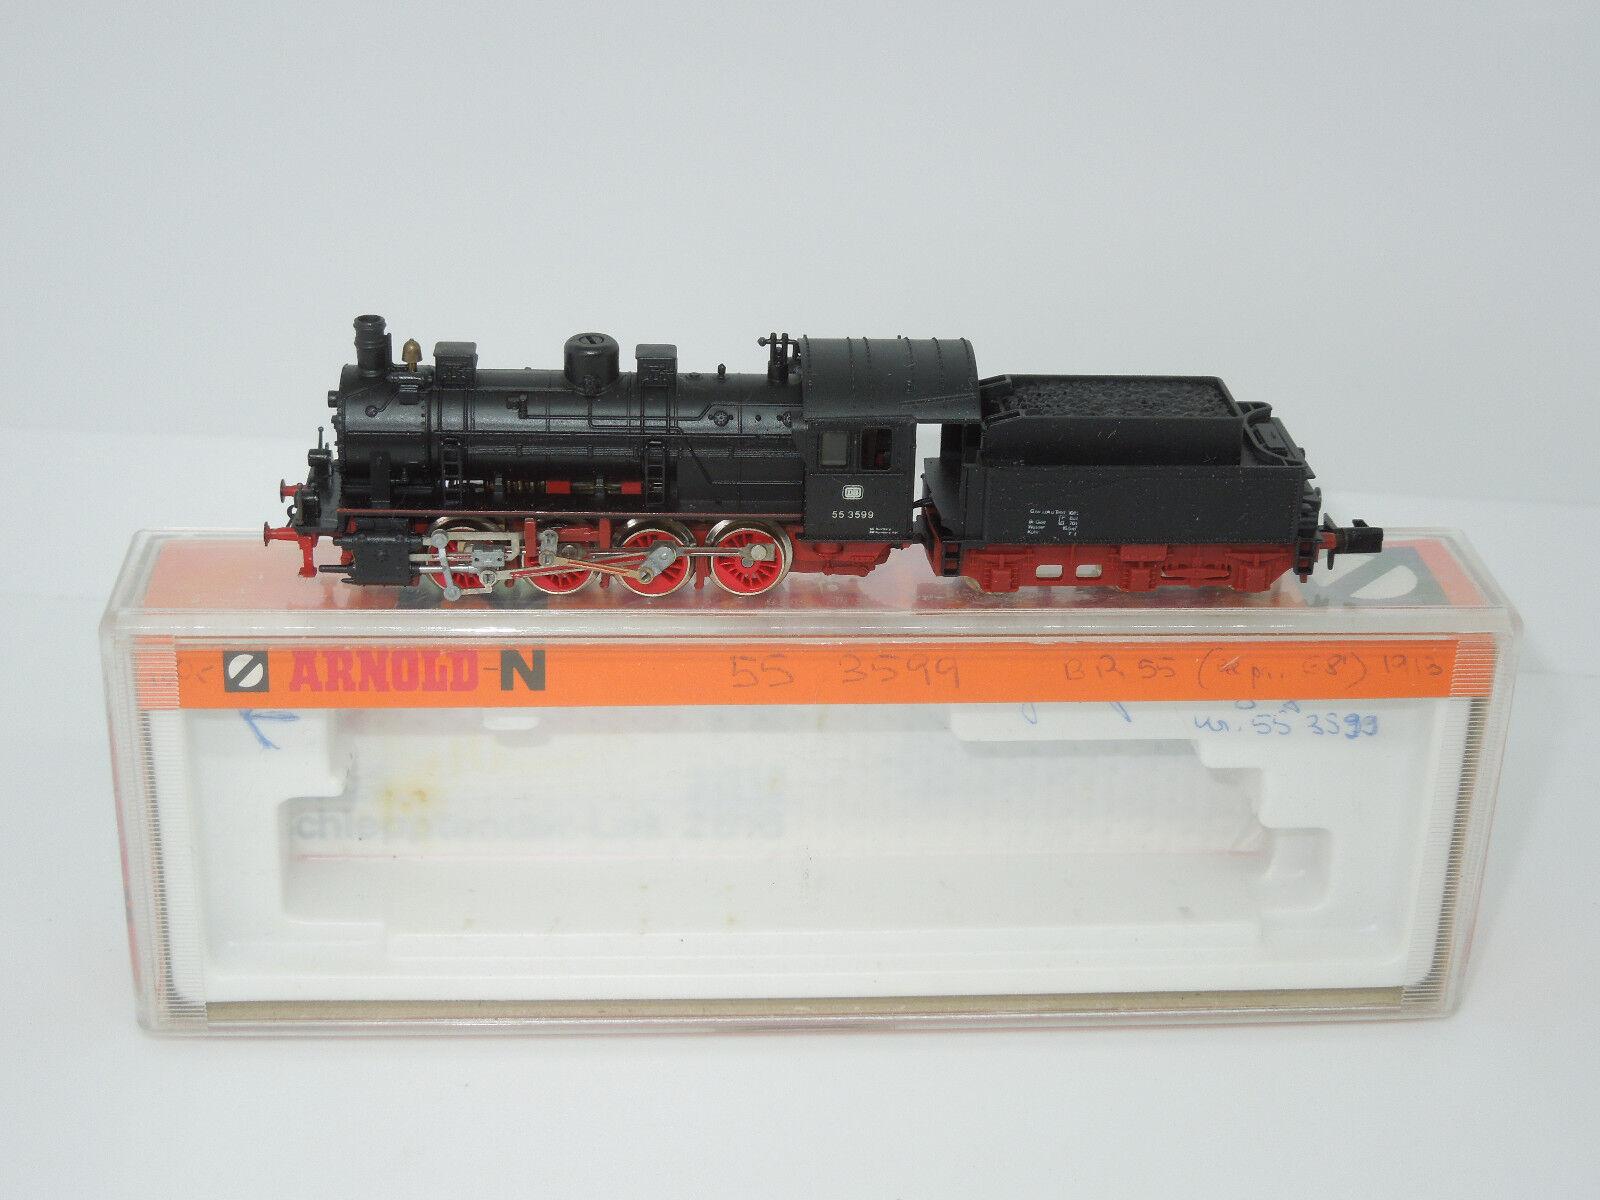 Arnold pista n 2515 máquina de vapor br 55 de la DB (2)